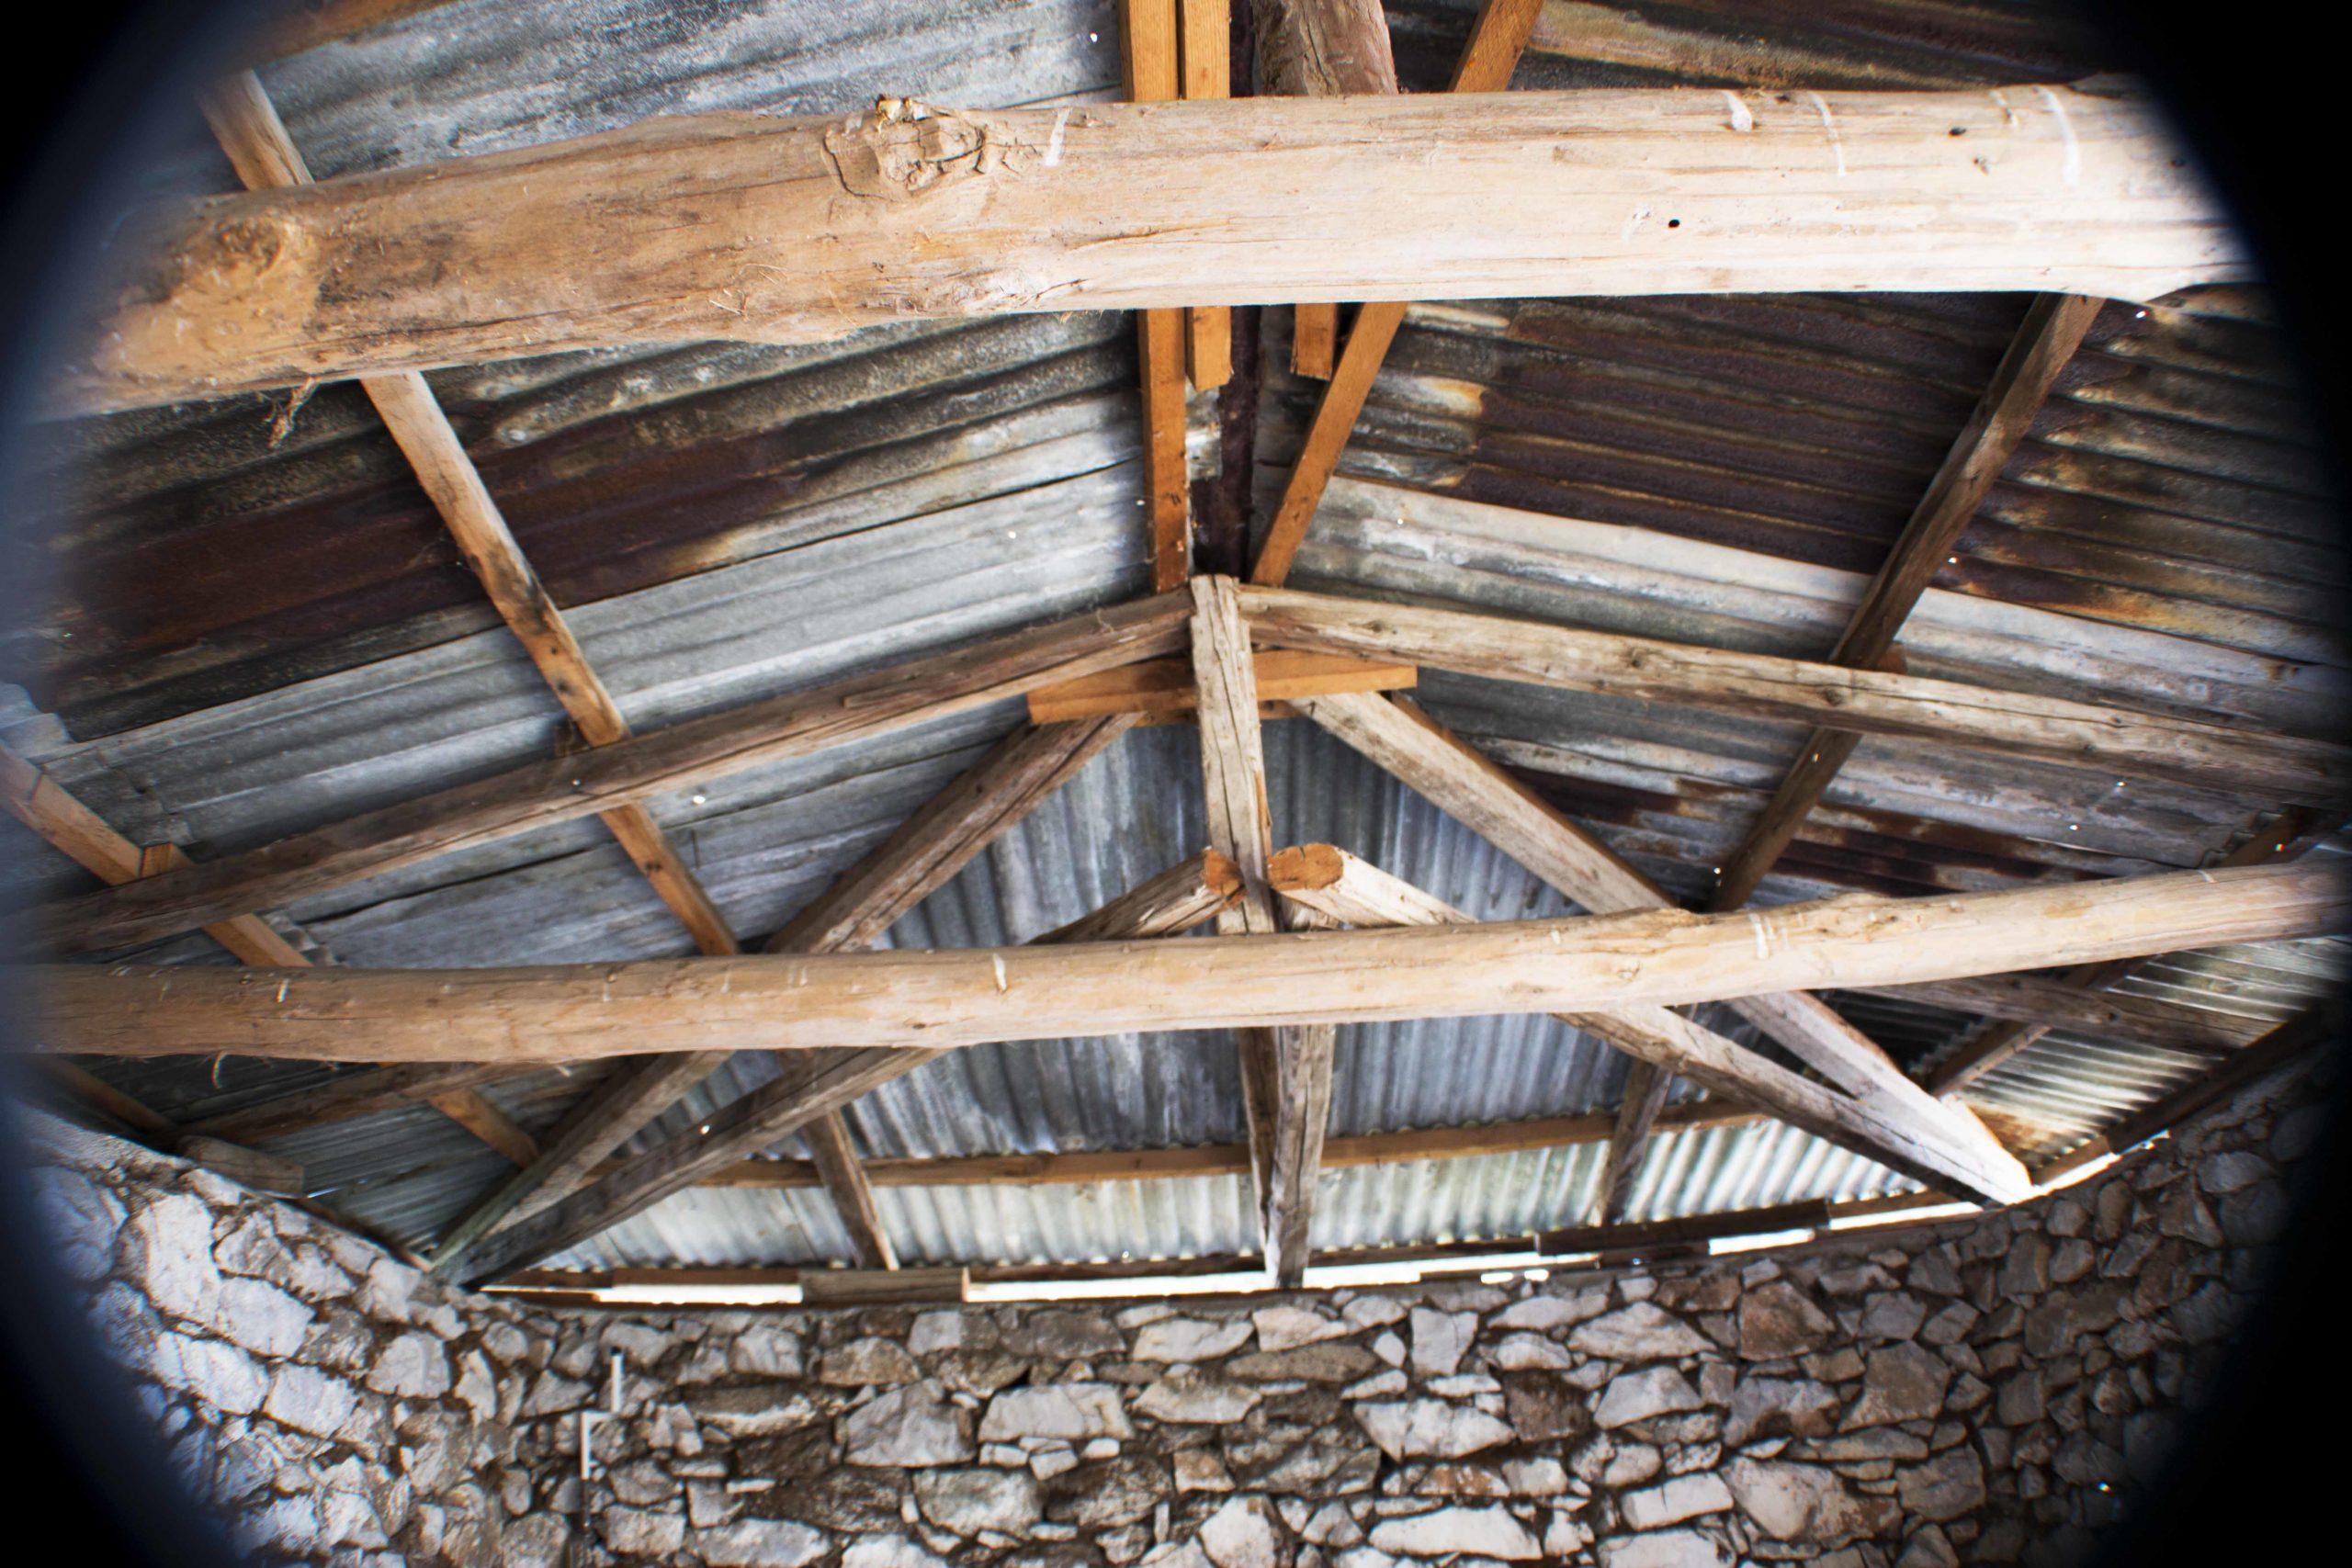 Εσωτερική κατασκευή μαδεριών σκεπής, Παναγίτσα Τρικάλων 1